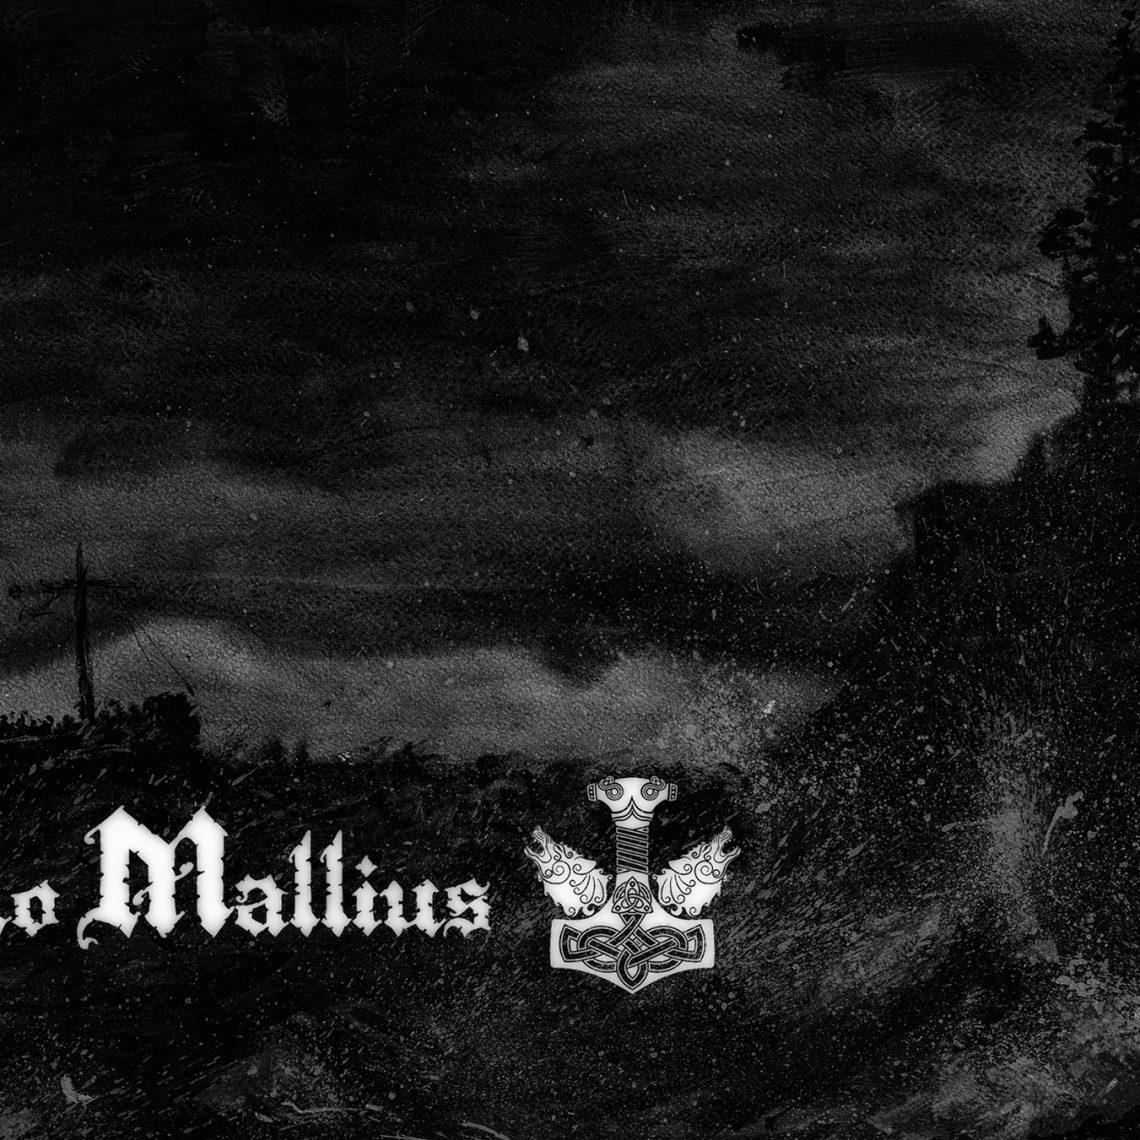 Ordo Mallius – Priapism